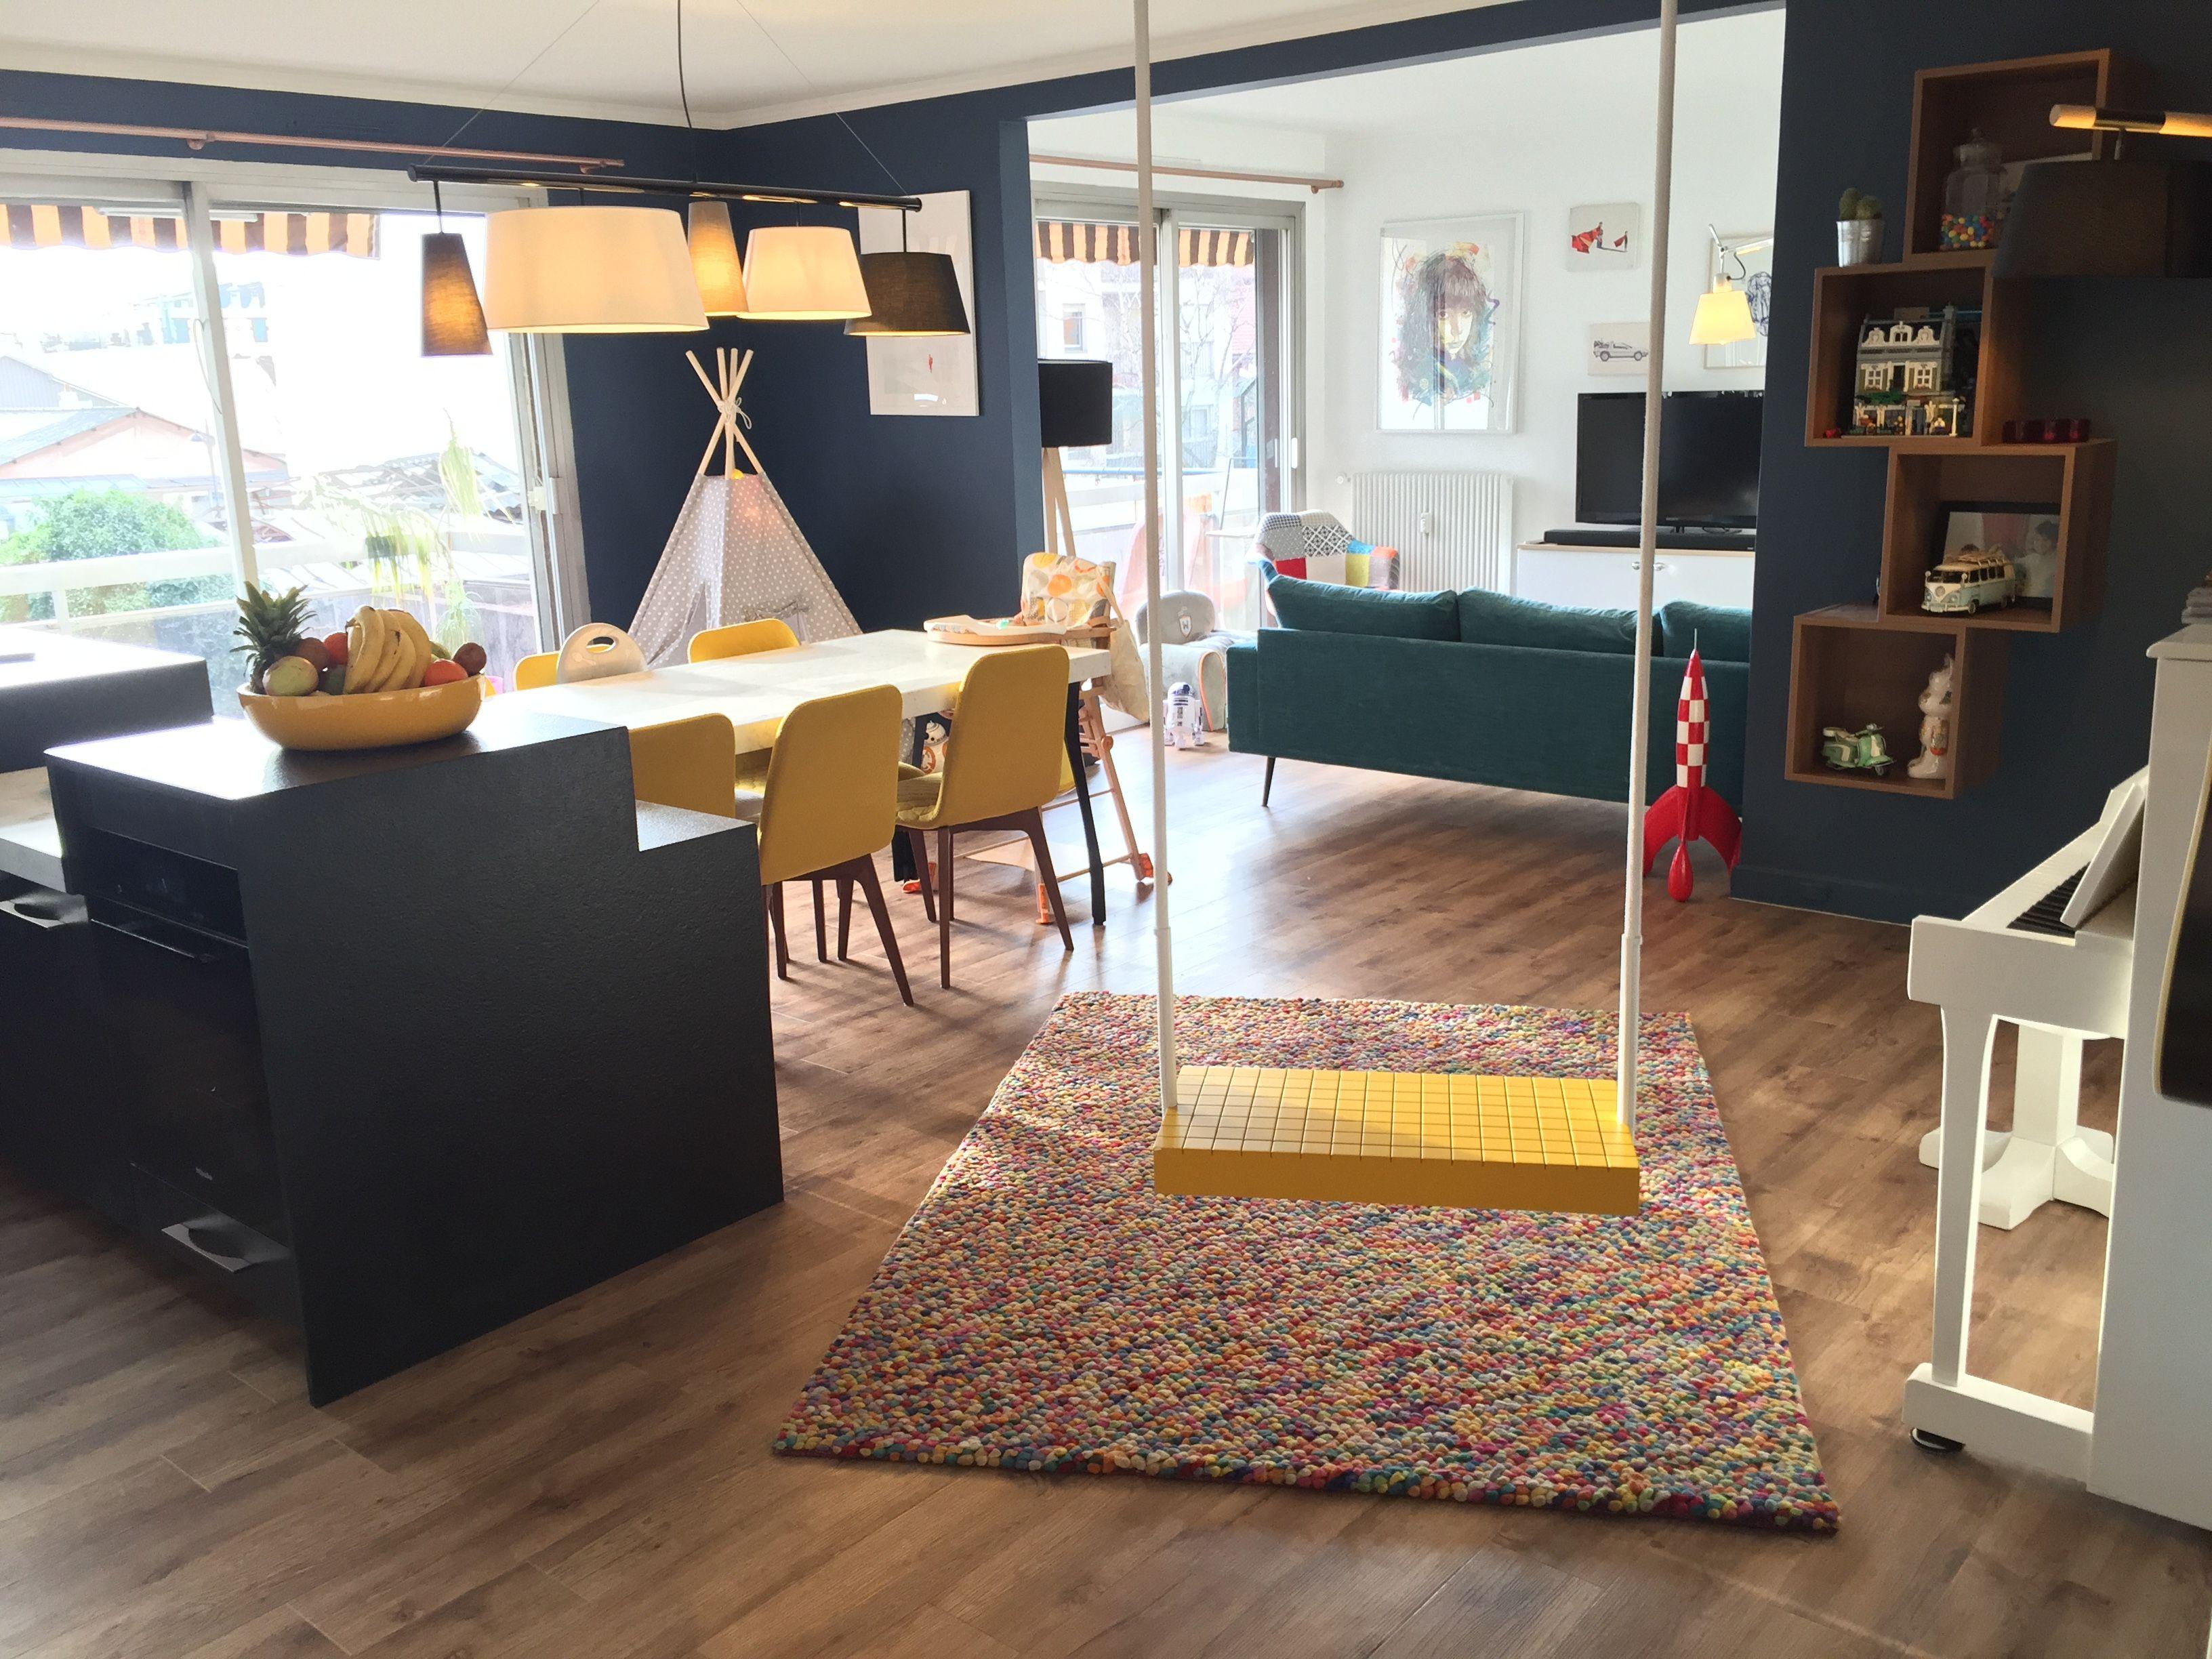 Epingle Par Paul Et Benjamin Sur Paul Benjamin Decoration Maison Meuble Design Idees Pour La Maison